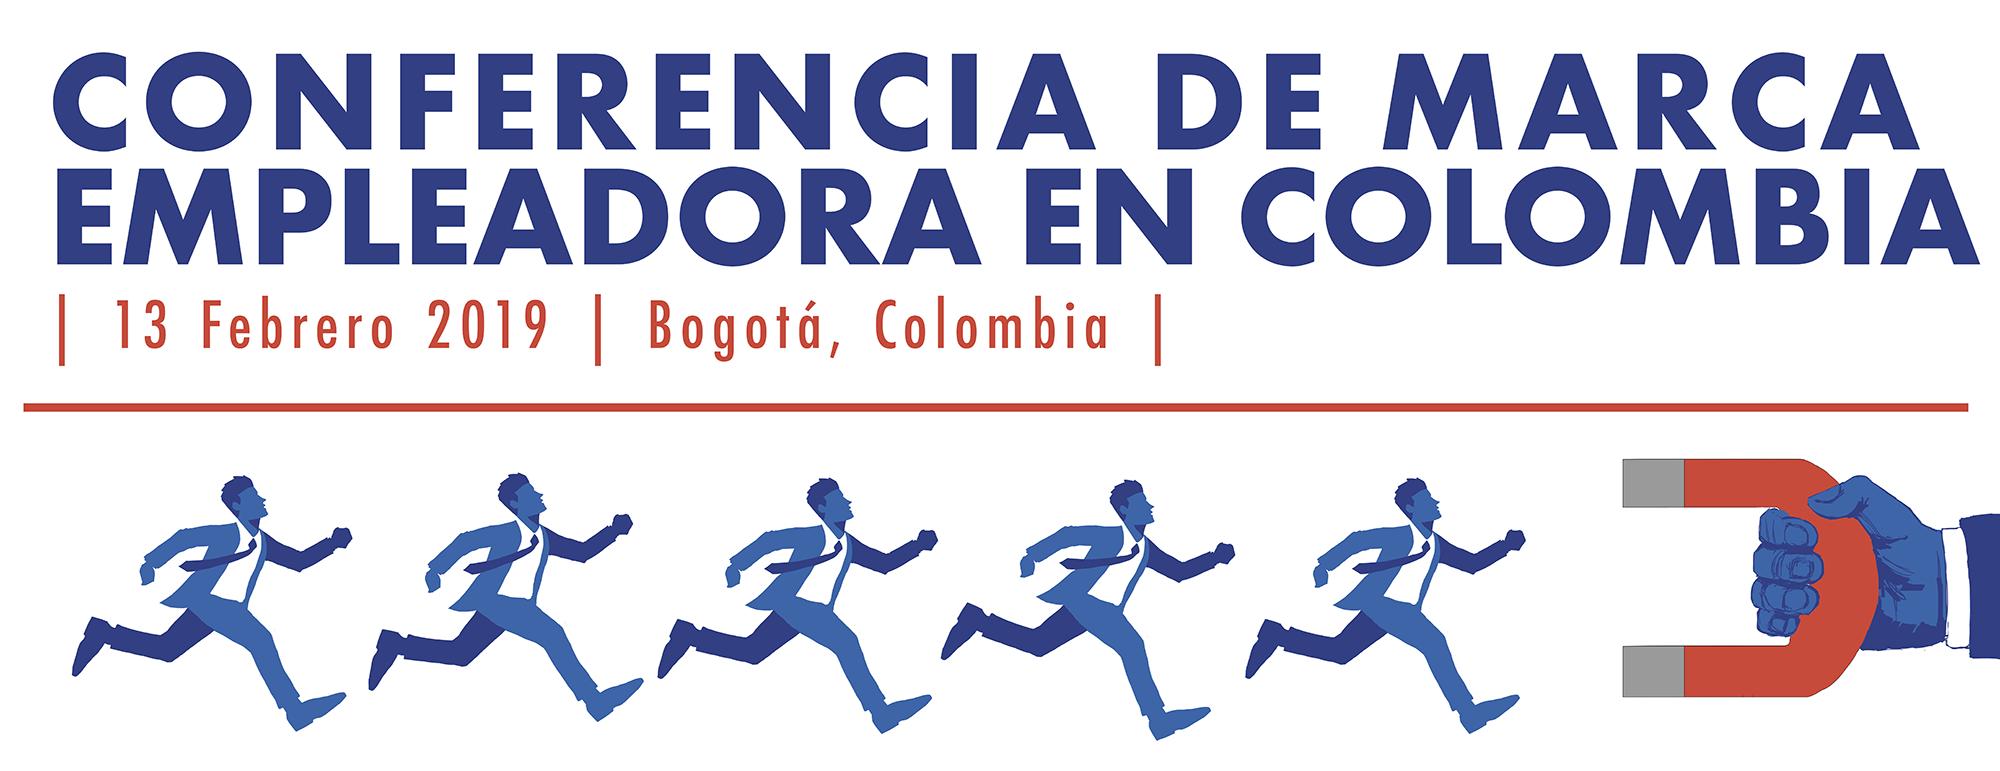 Conferencia de marca empleadora en colombia